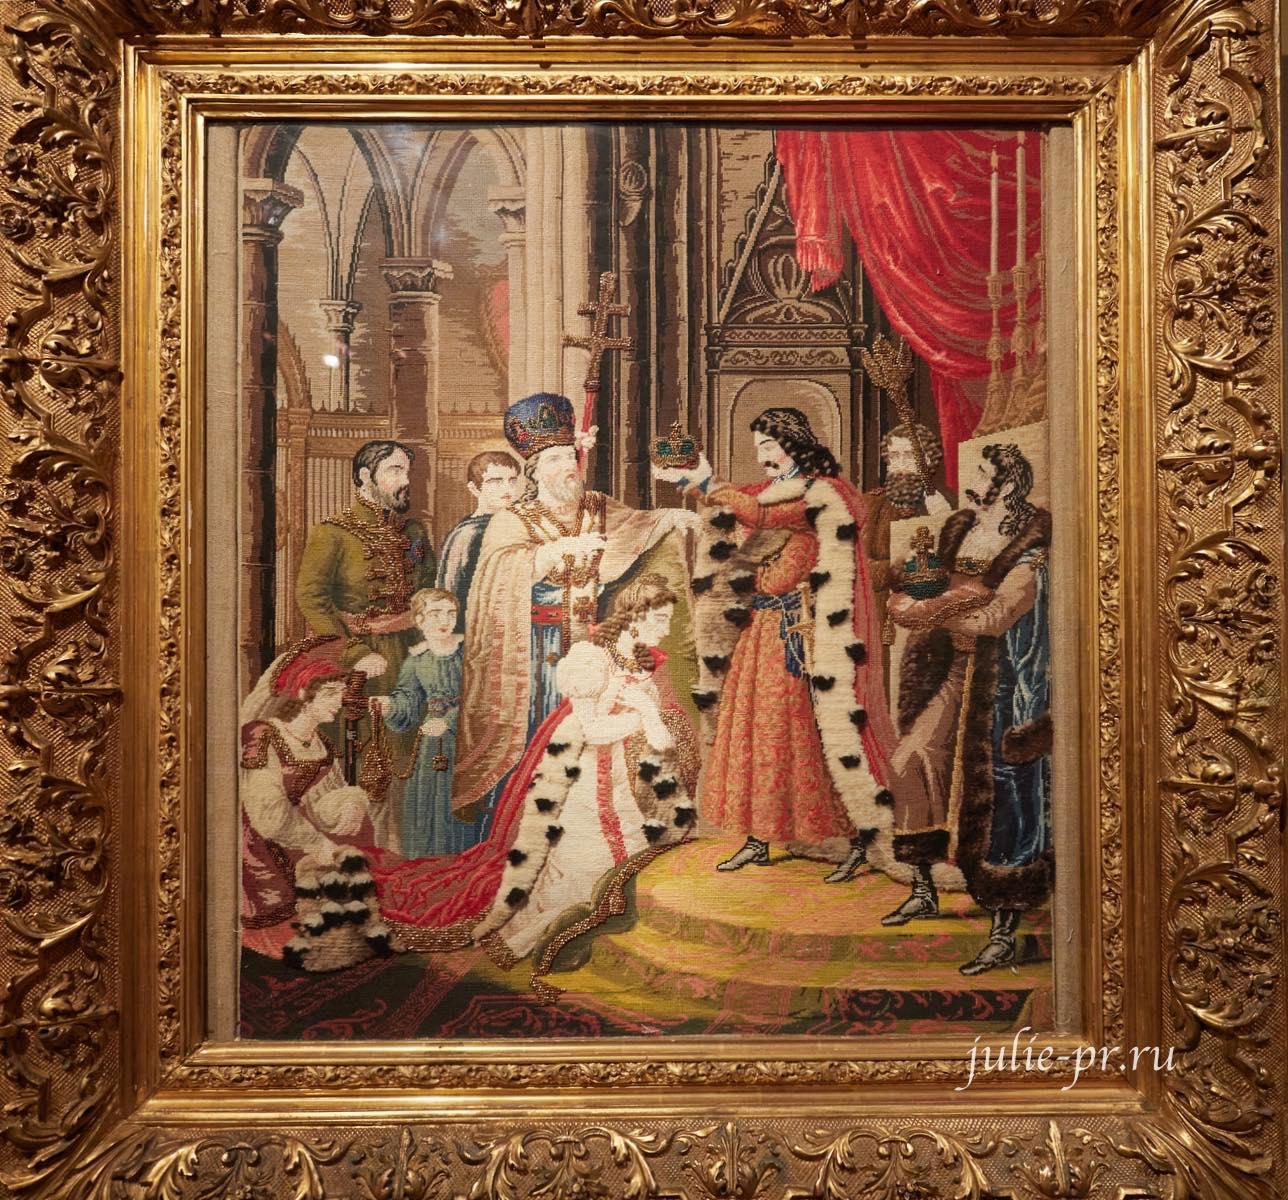 Пётр I коронует Екатерину I, середина XIX века, Россия, вышивка шёлком, шерстью, бисером, аппликация, выставка Старинные вышивки